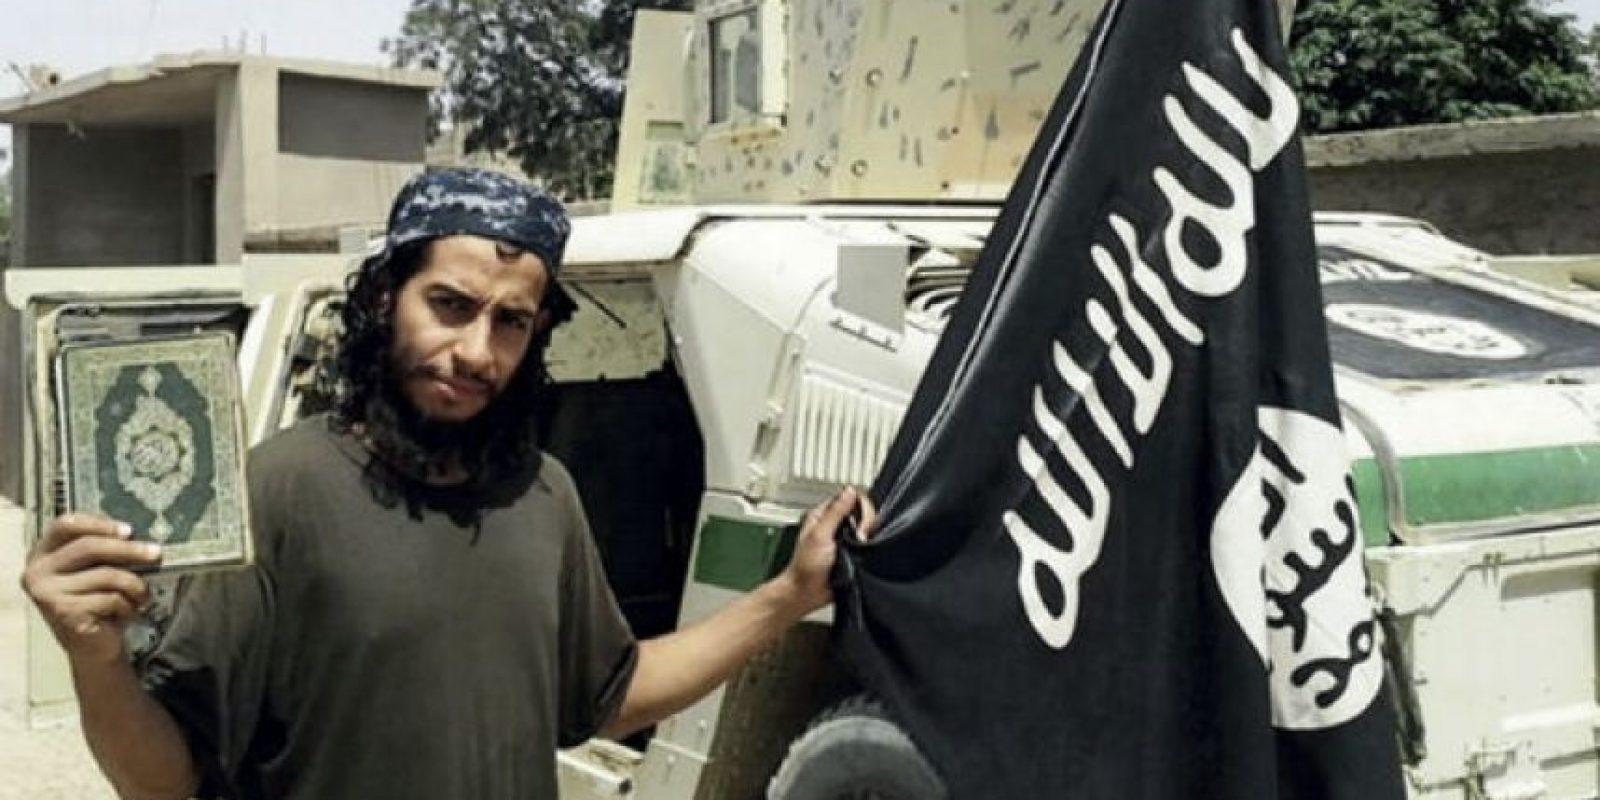 Es de naturaleza fundamentalista yihadista wahabita Foto:AP